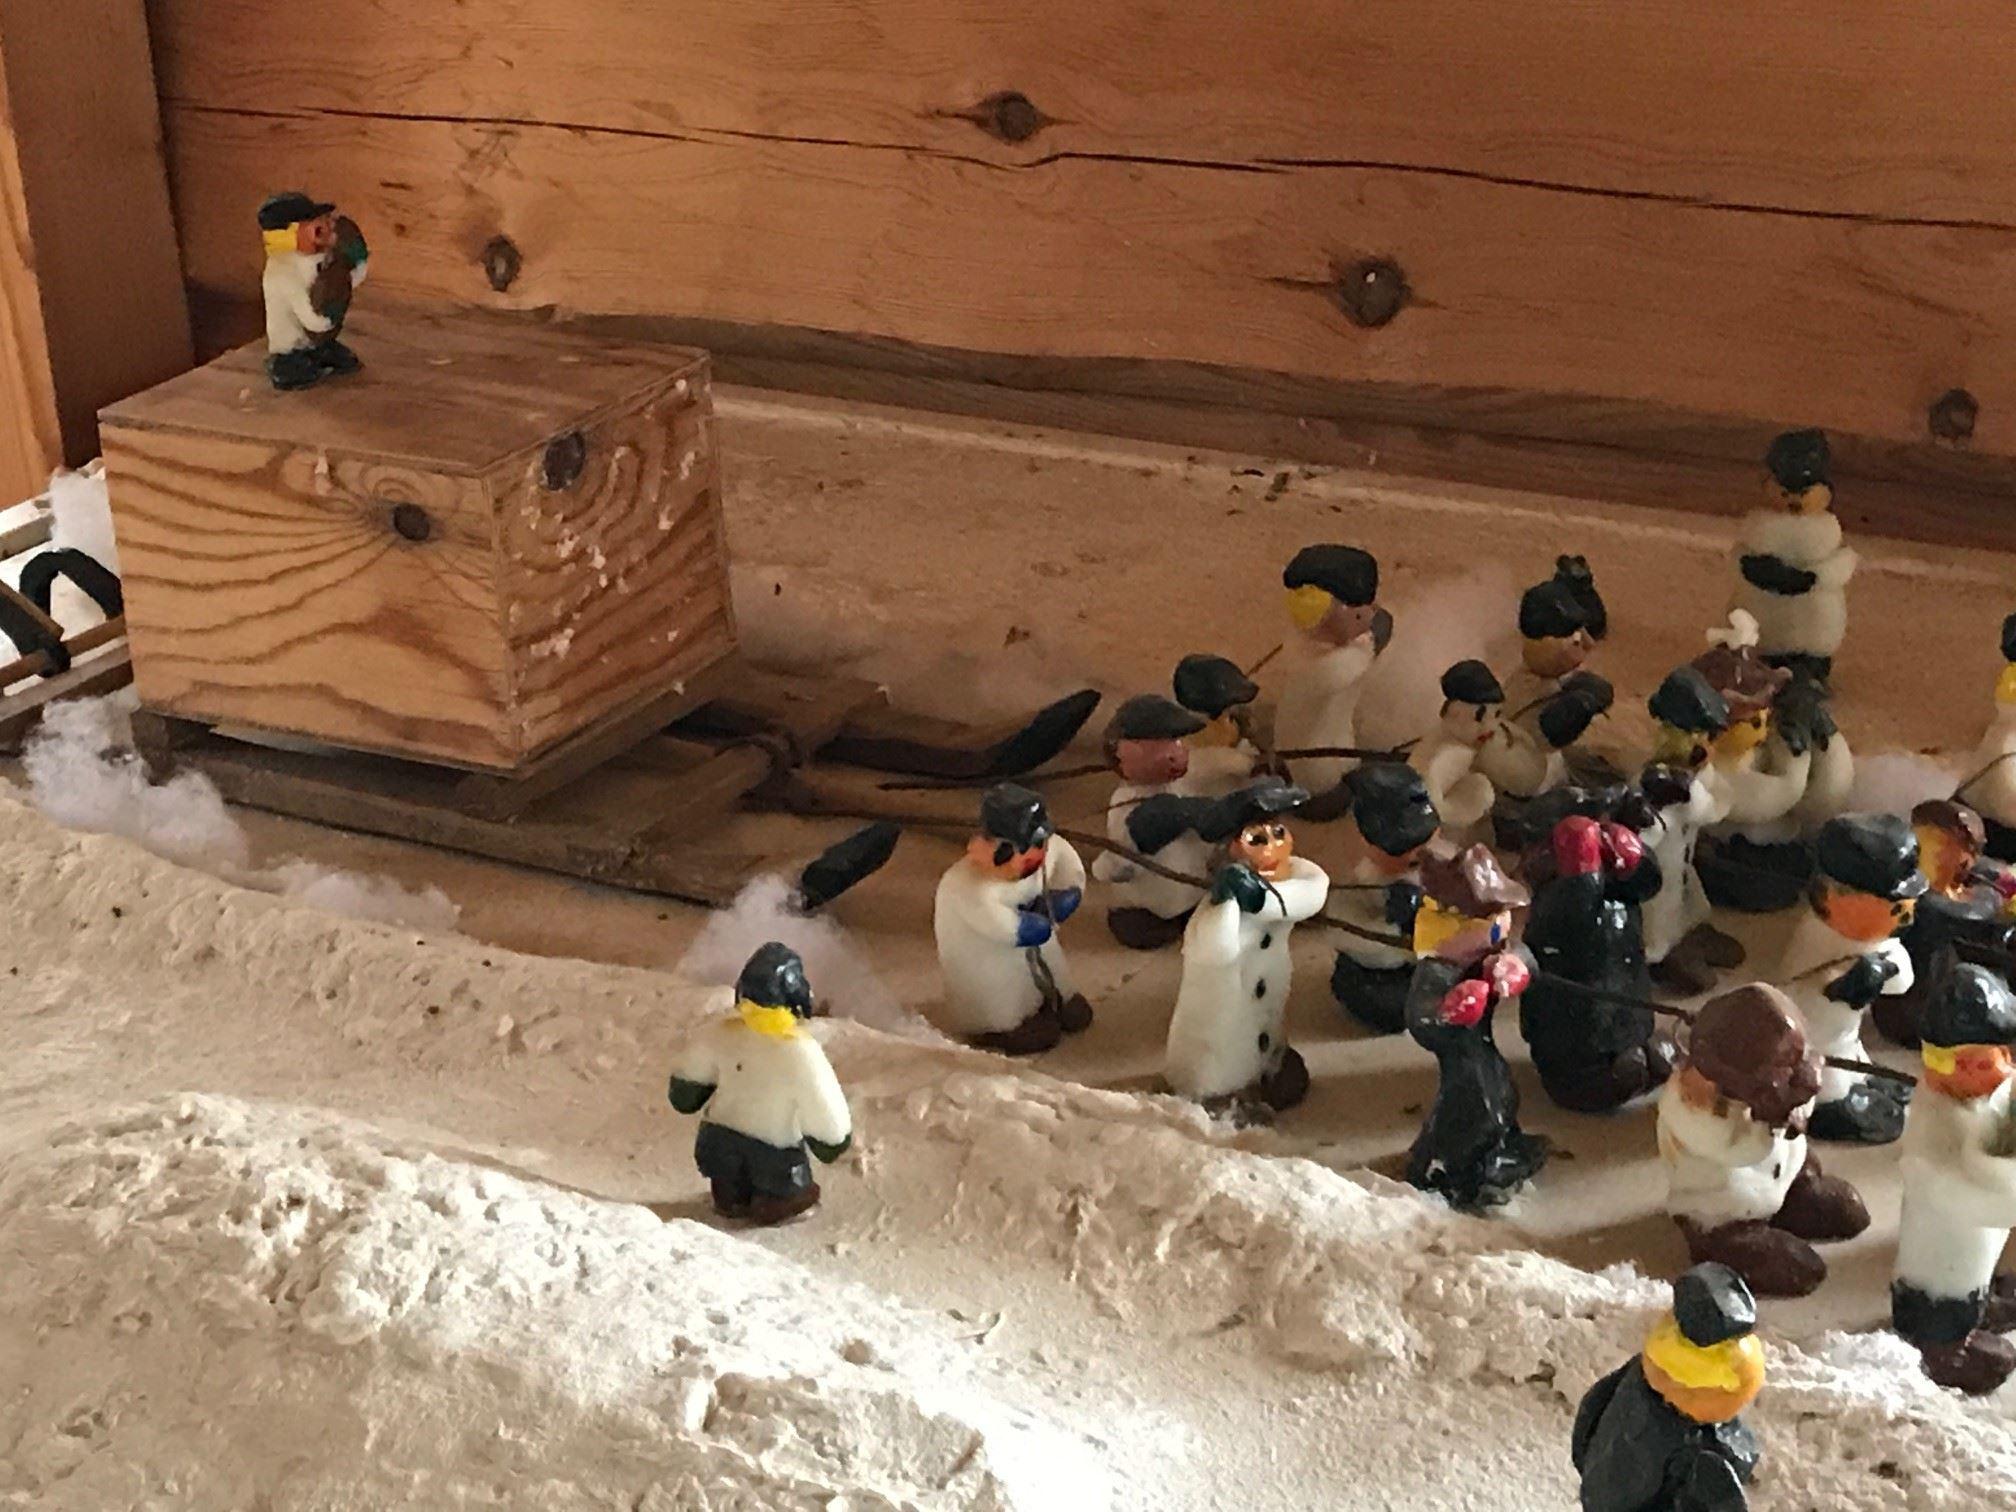 Det stora sarkofagdraget -inget för fegisar